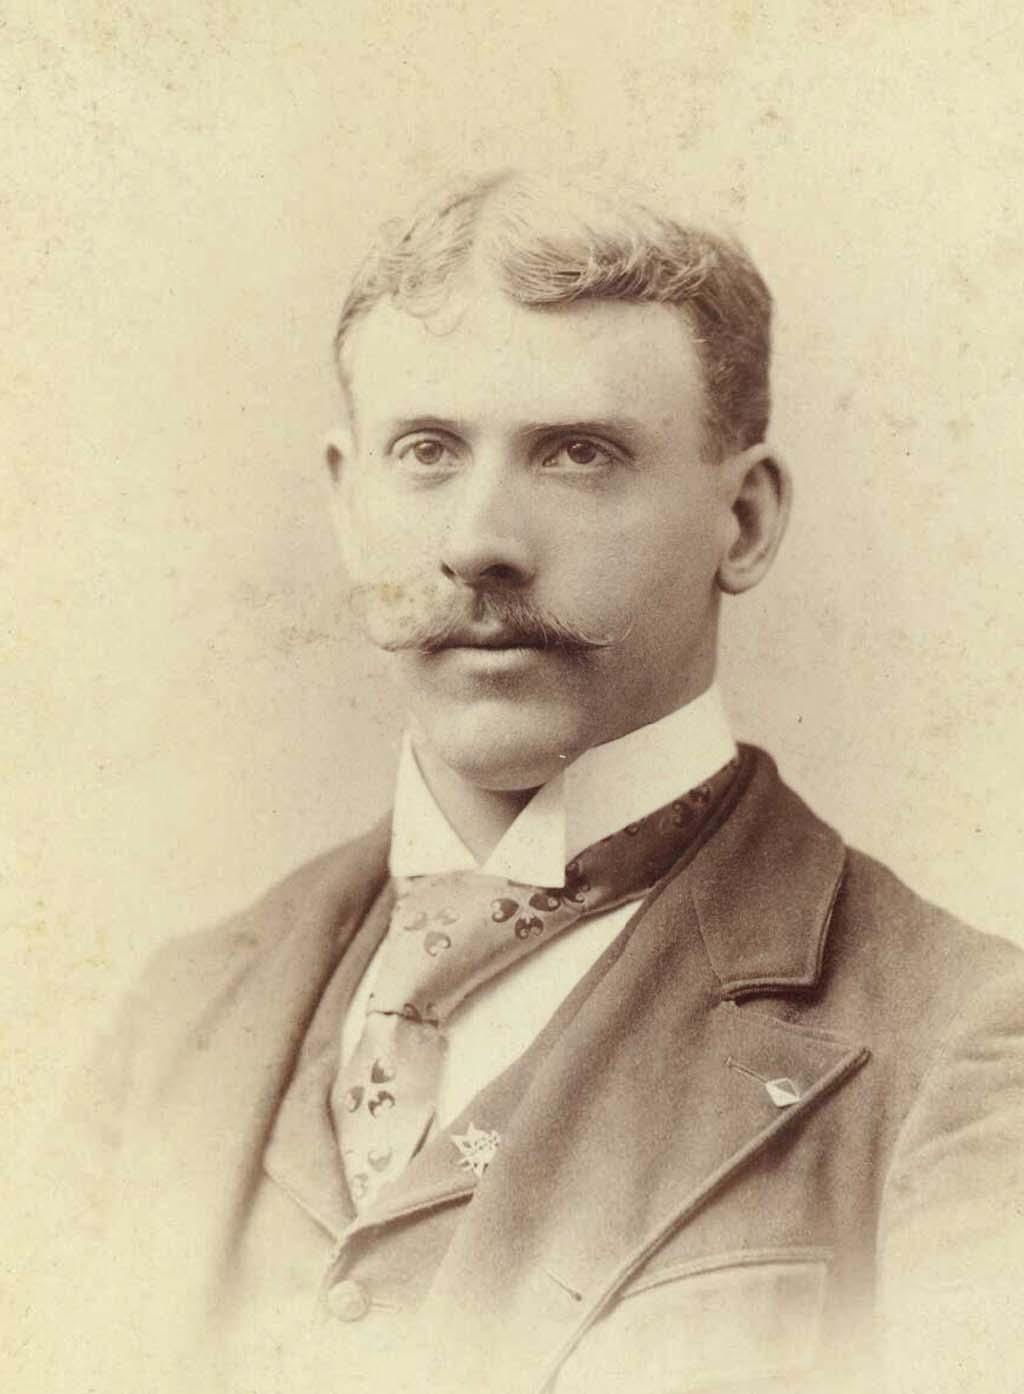 Edwin C. Howard